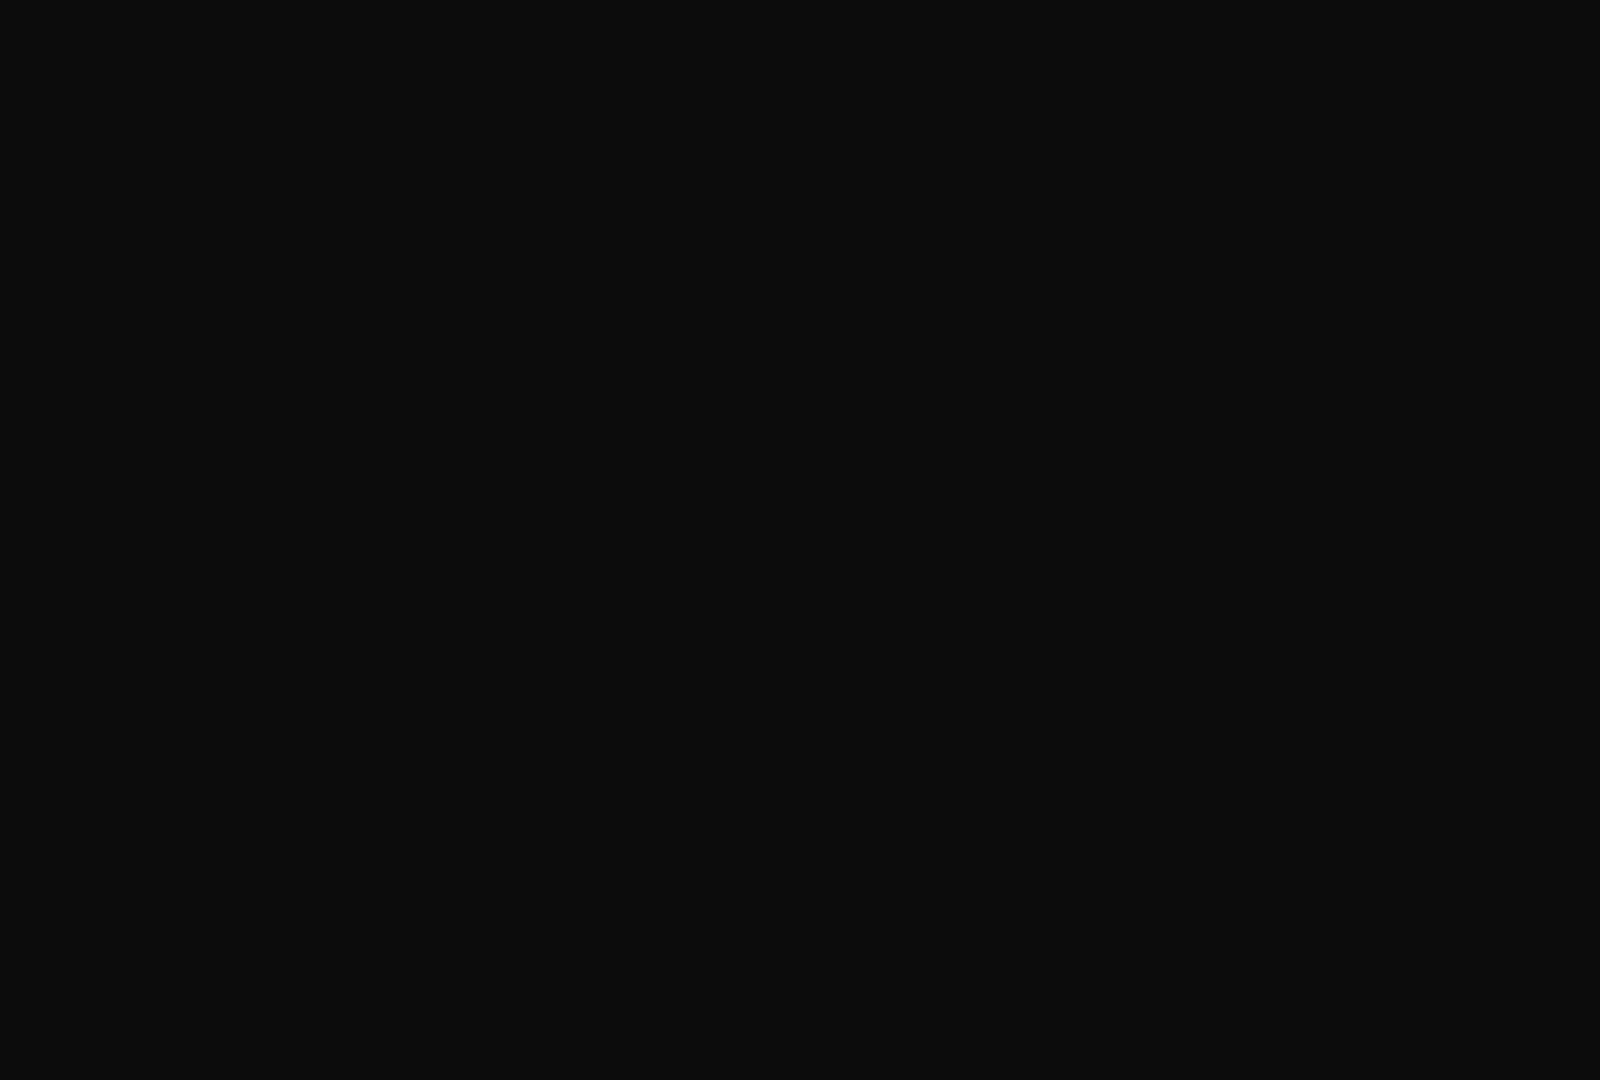 充血監督の深夜の運動会Vol.42 OL  55枚 6